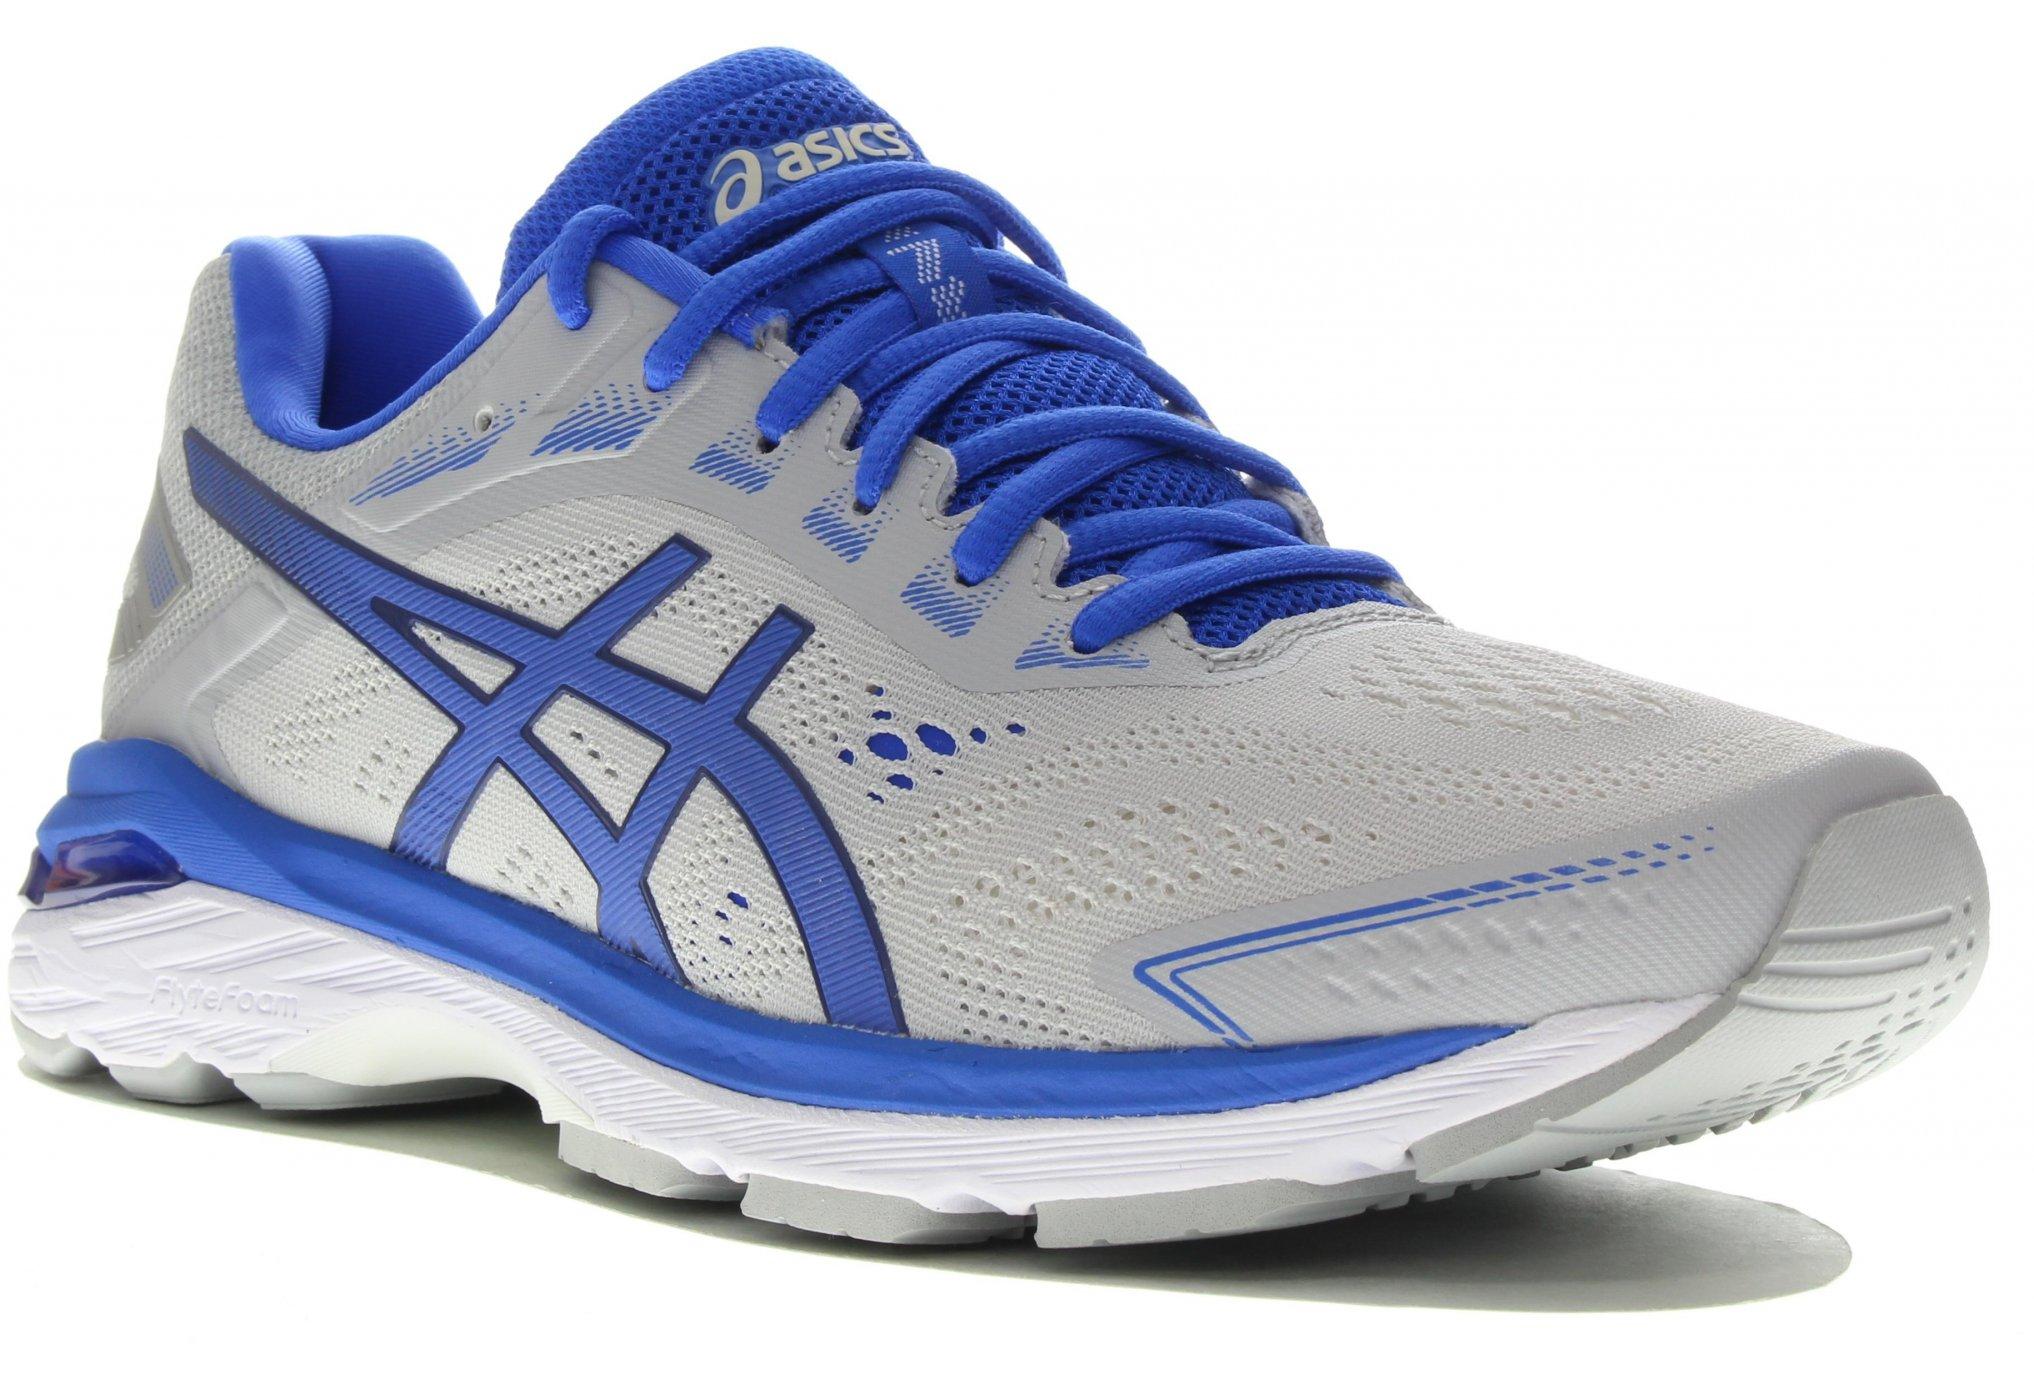 Asics GT-2000 7 Expert W Chaussures running femme